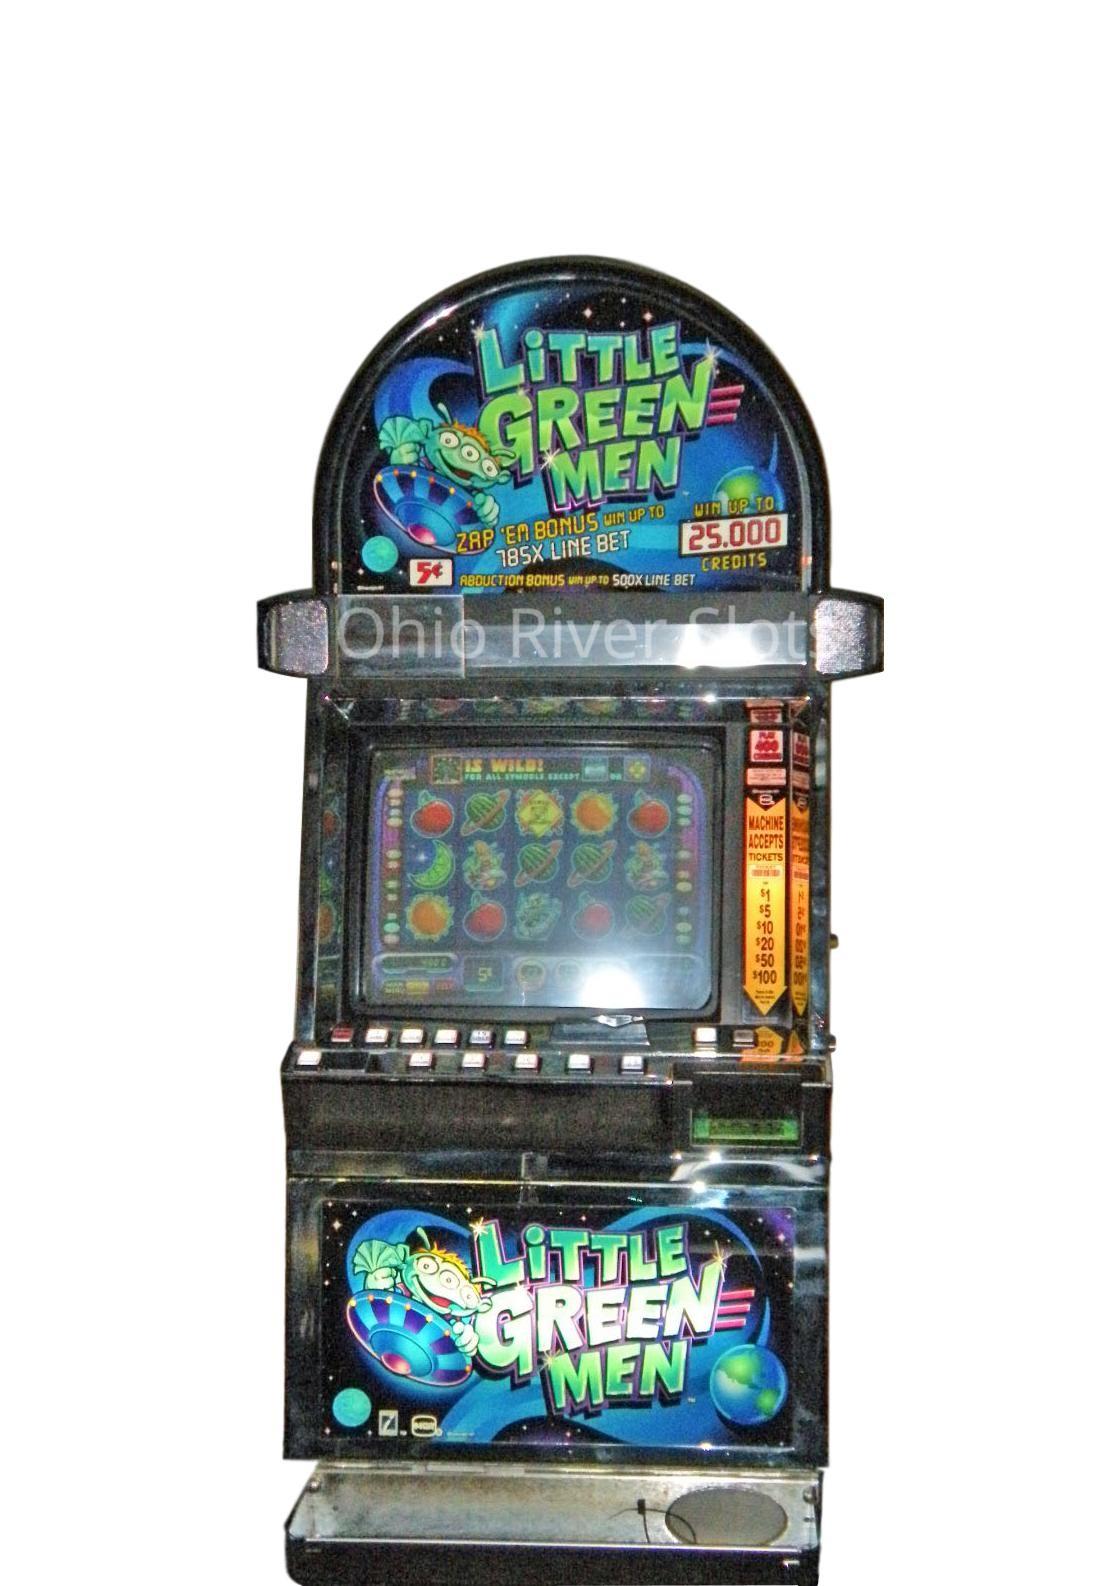 Little Green Men Slot